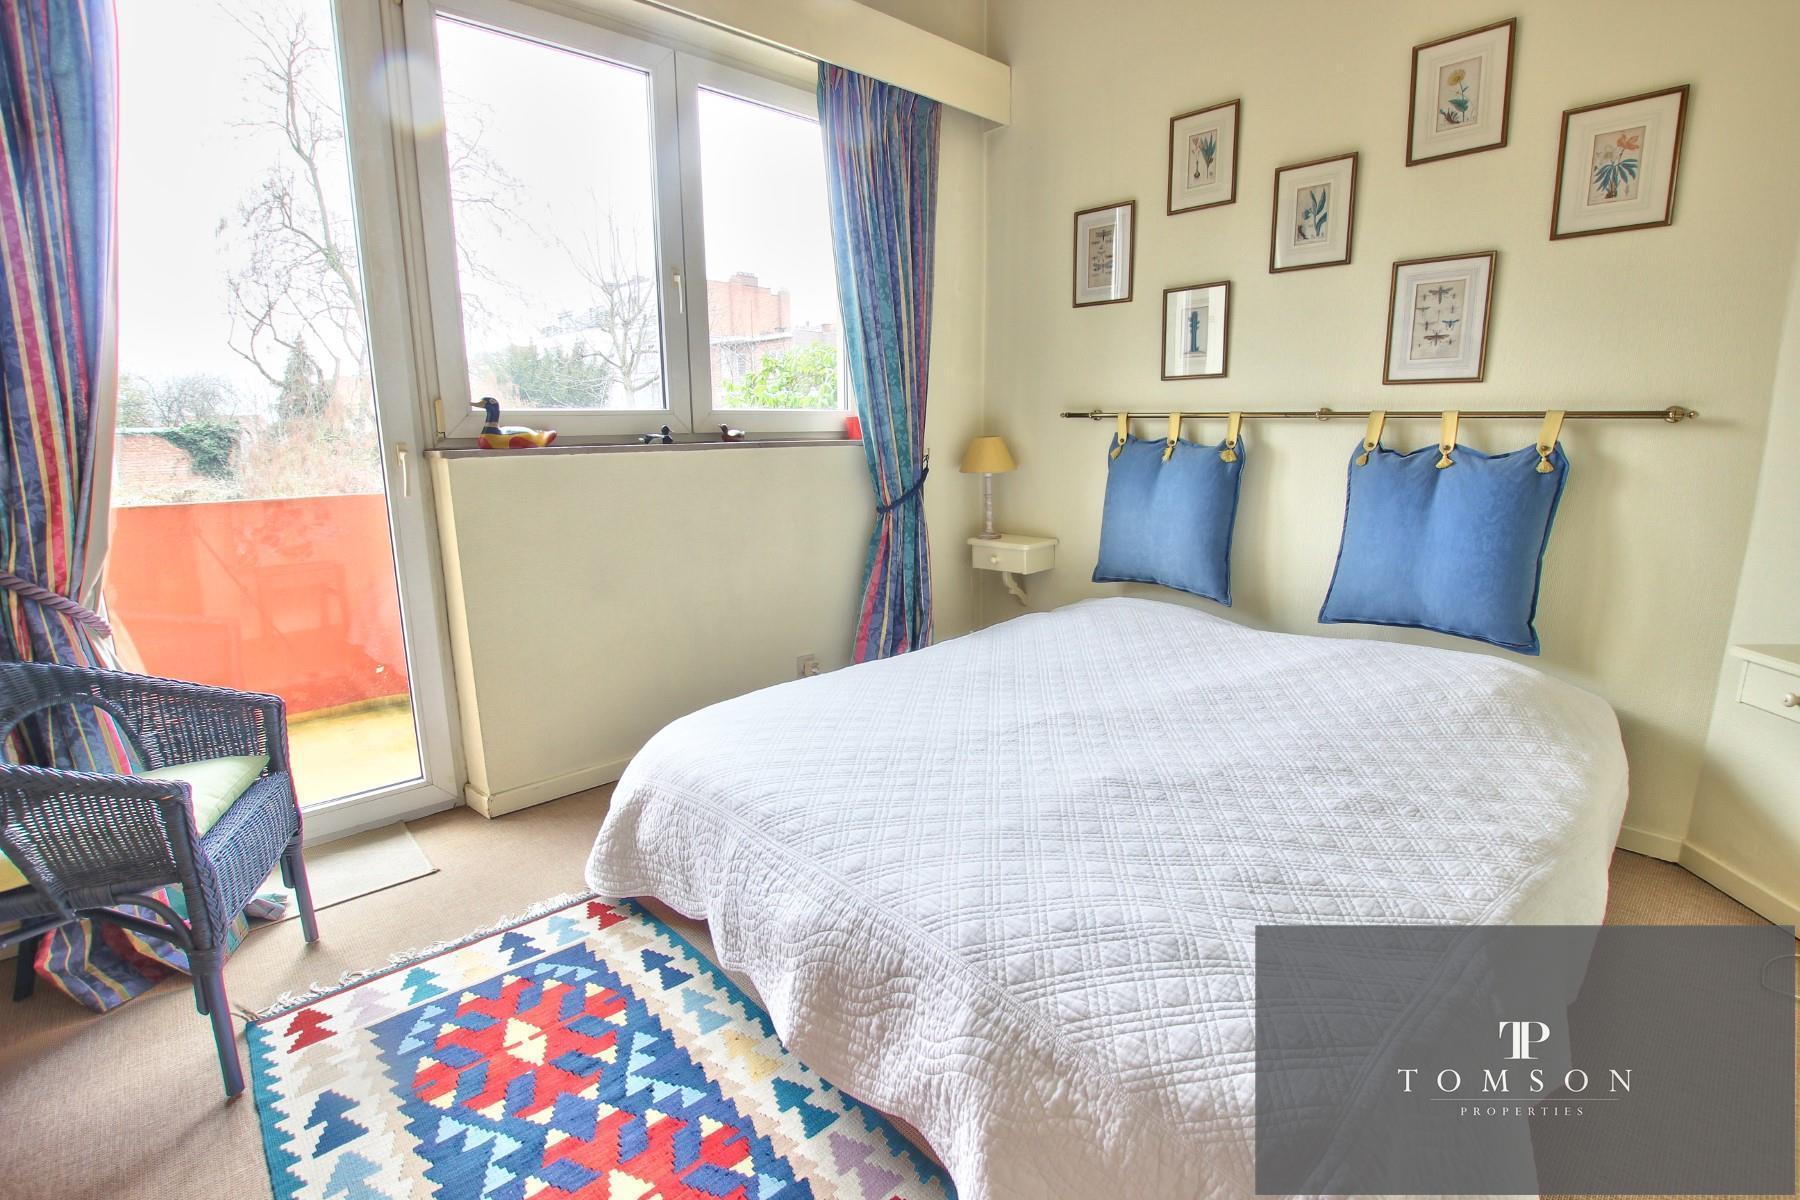 Appartement exceptionnel - Ixelles - #4098210-8